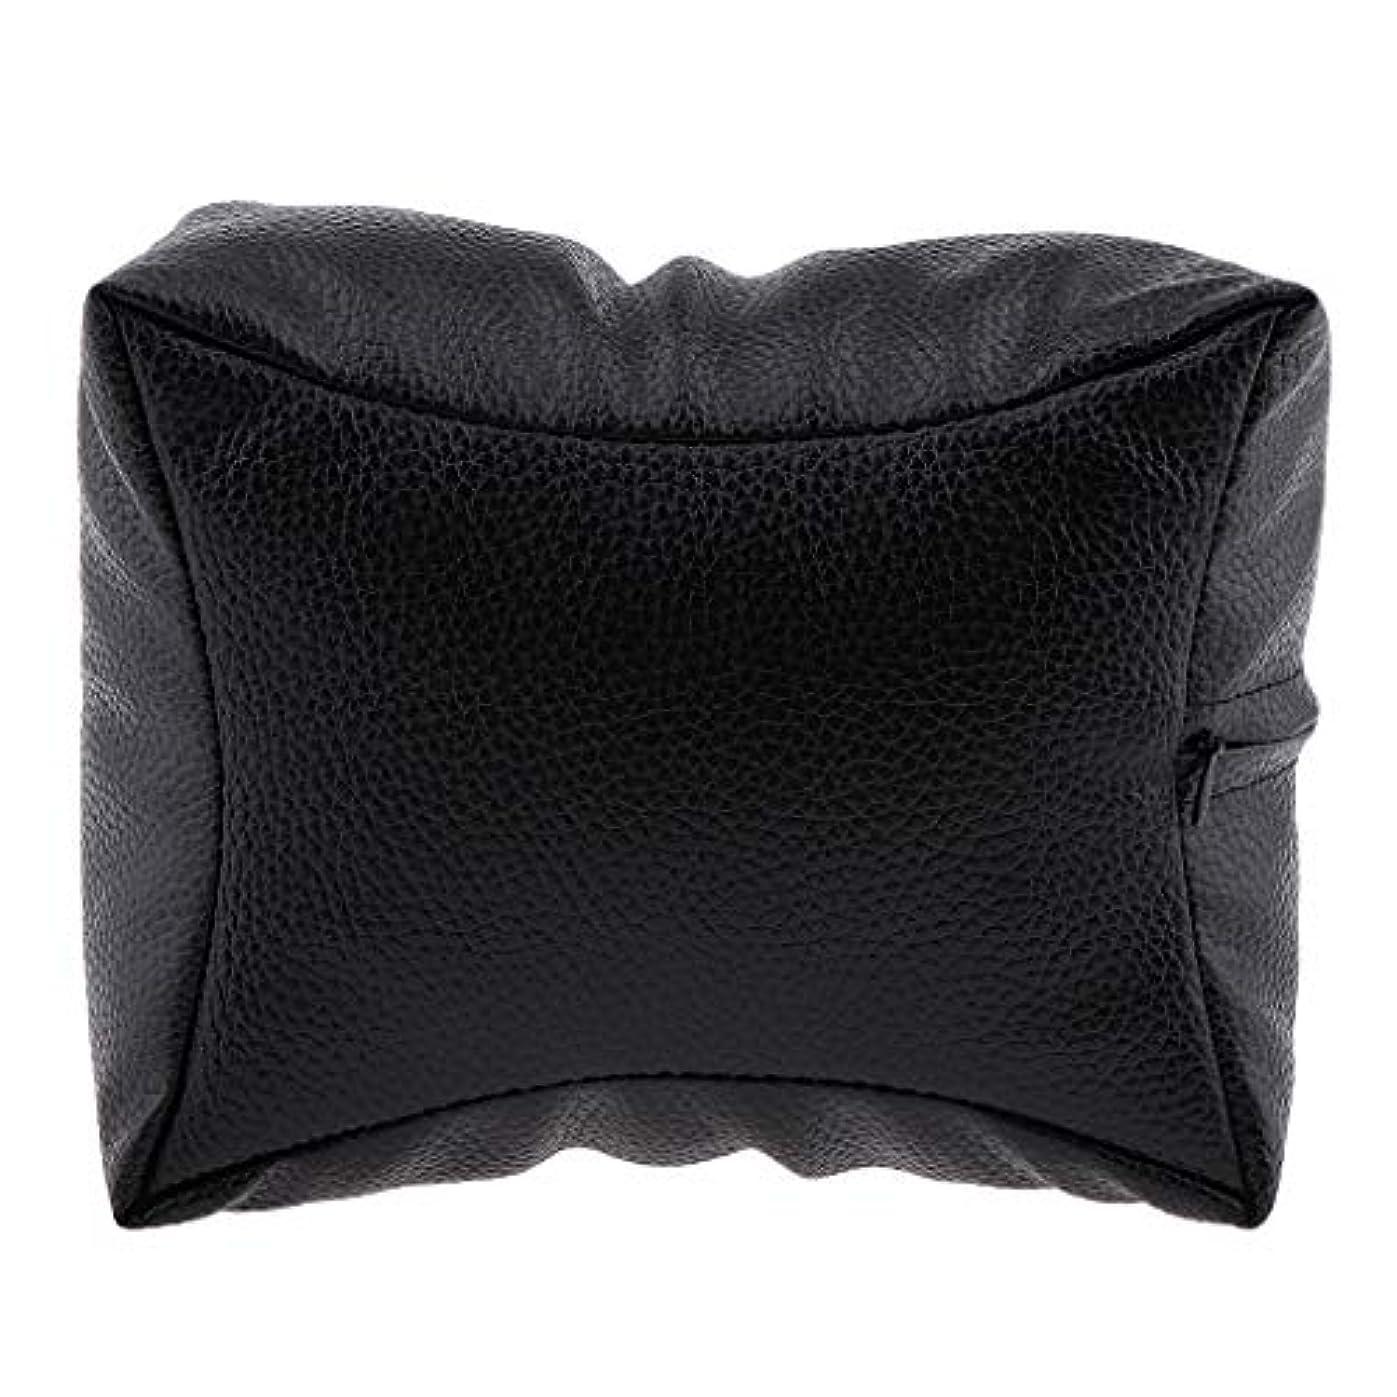 フィットネスなくなる不忠P Prettyia ネイルハンドピロー プロ ネイルサロン 手枕 レストピロー ネイルケア 4色選べ - ブラック